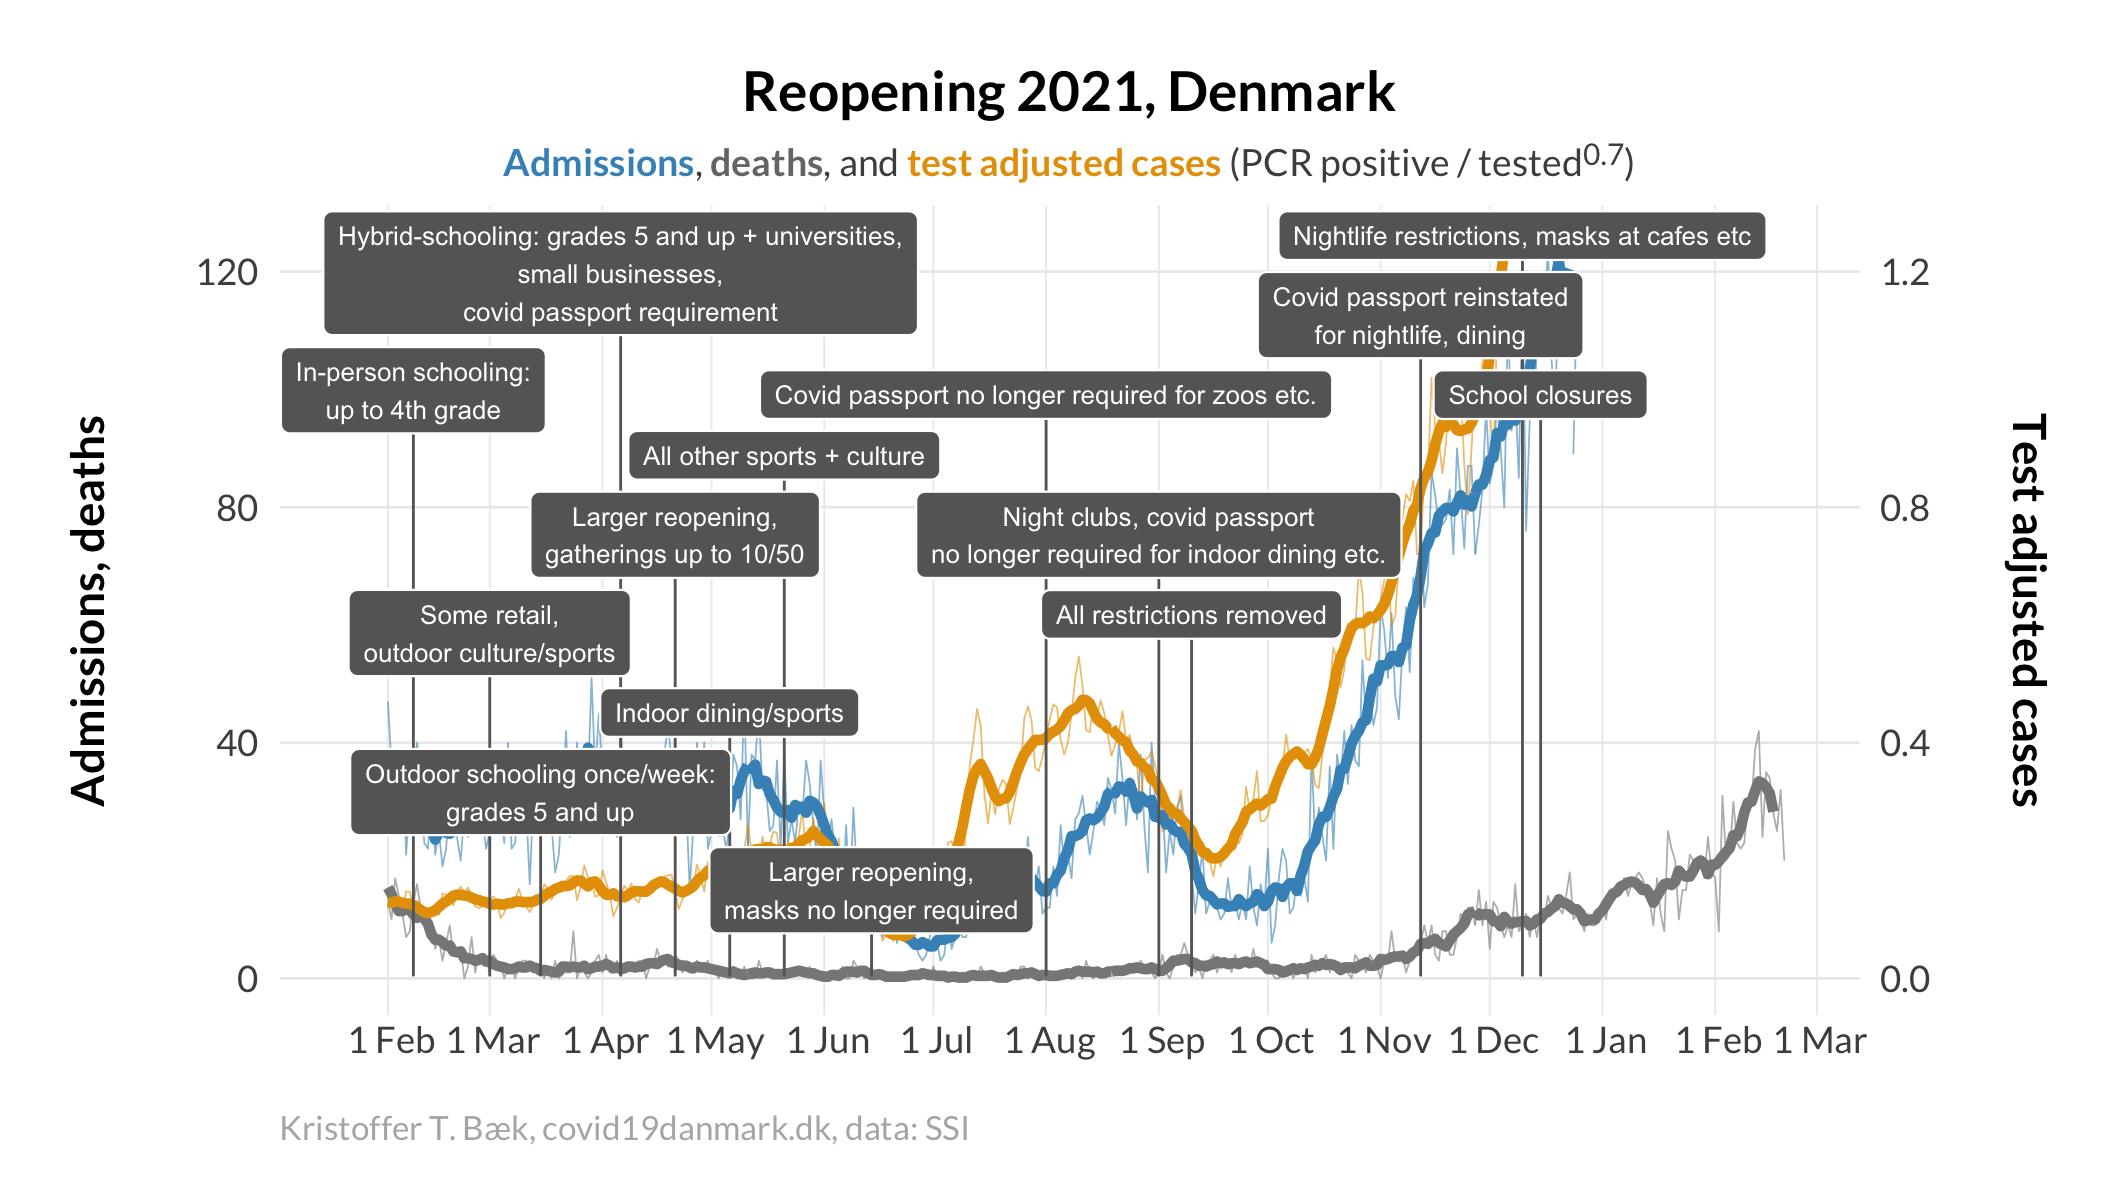 https://raw.githubusercontent.com/ktbaek/COVID-19-Danmark/master/figures/ntl_tiltag_january_EN.png